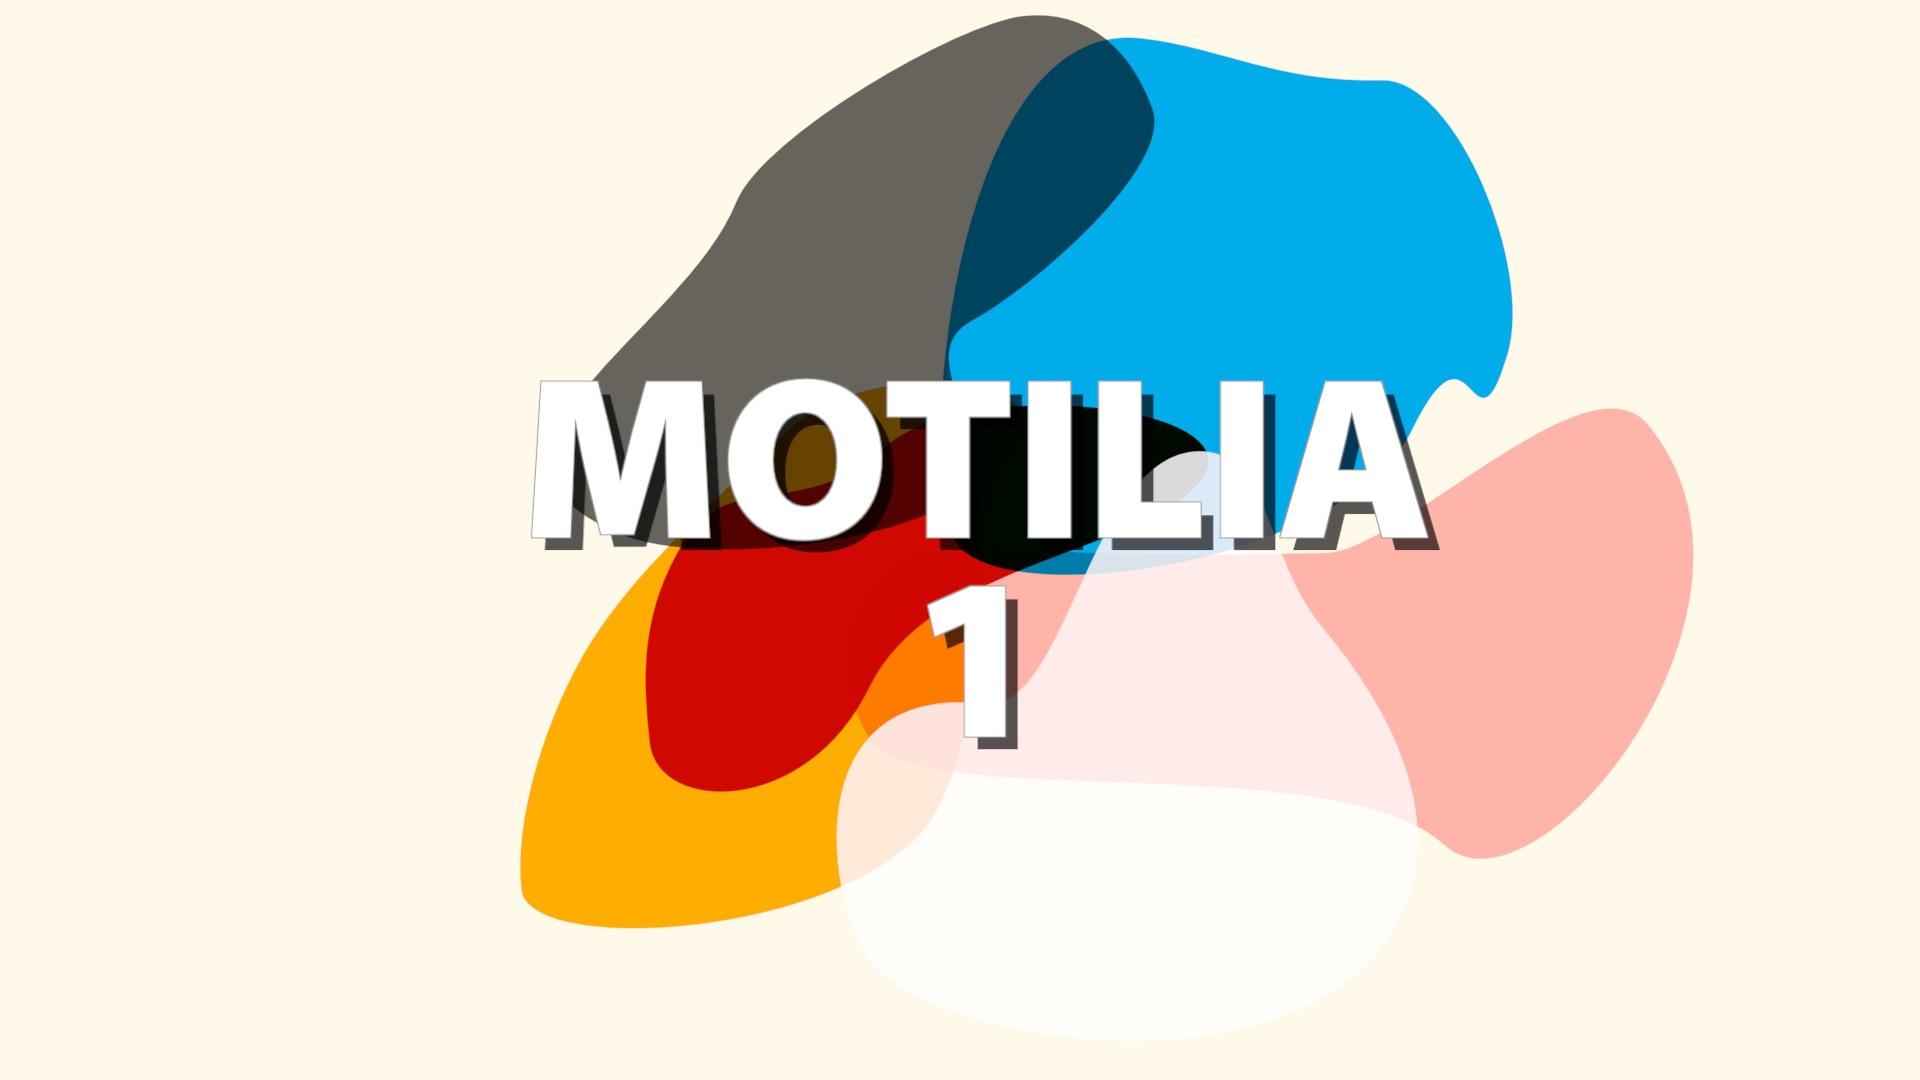 Motilia 1